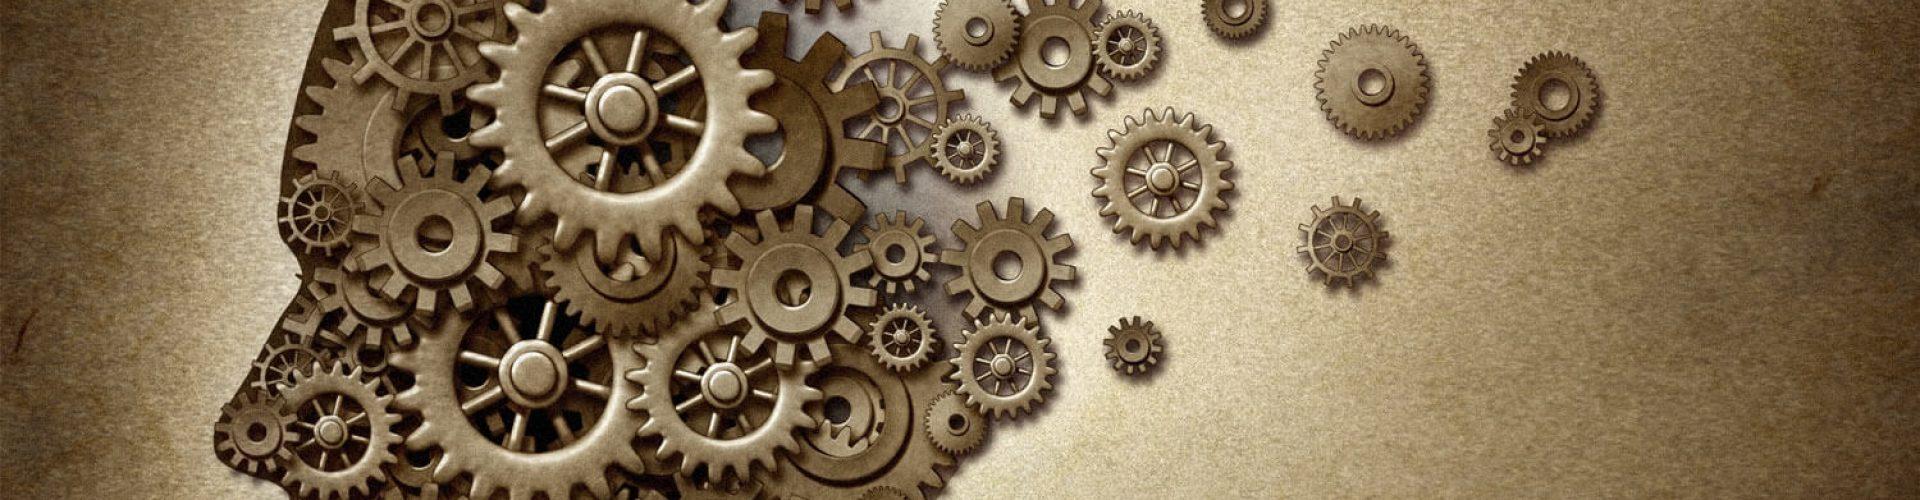 shutterstock_psychology-brain-wheels